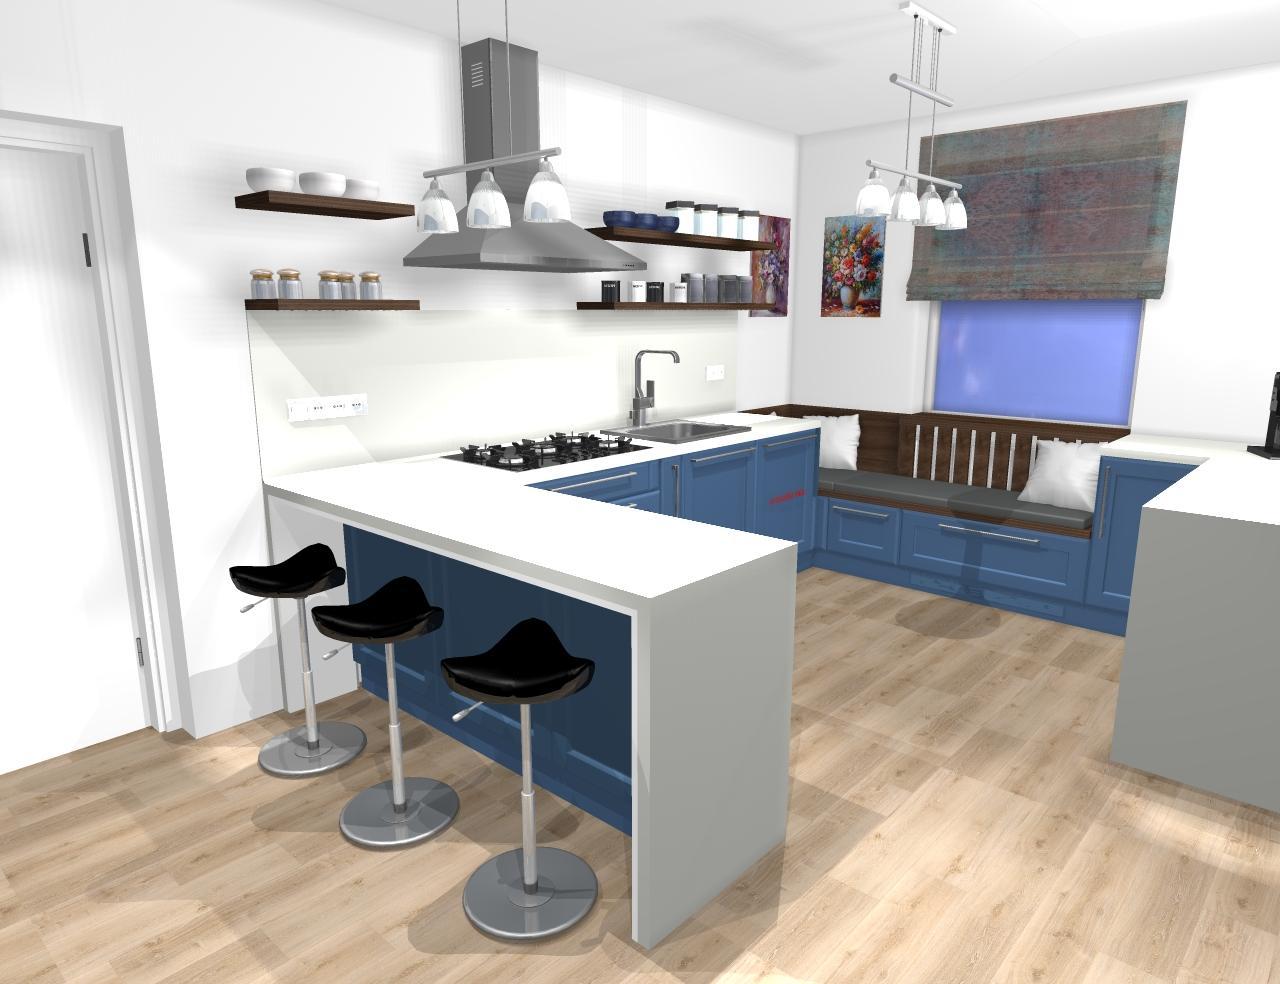 Grafické návrhy kuchynských liniek 2020 - Grafický návrh kuchynskej linky do rodinného domu vo Svätom Antone - obr.1